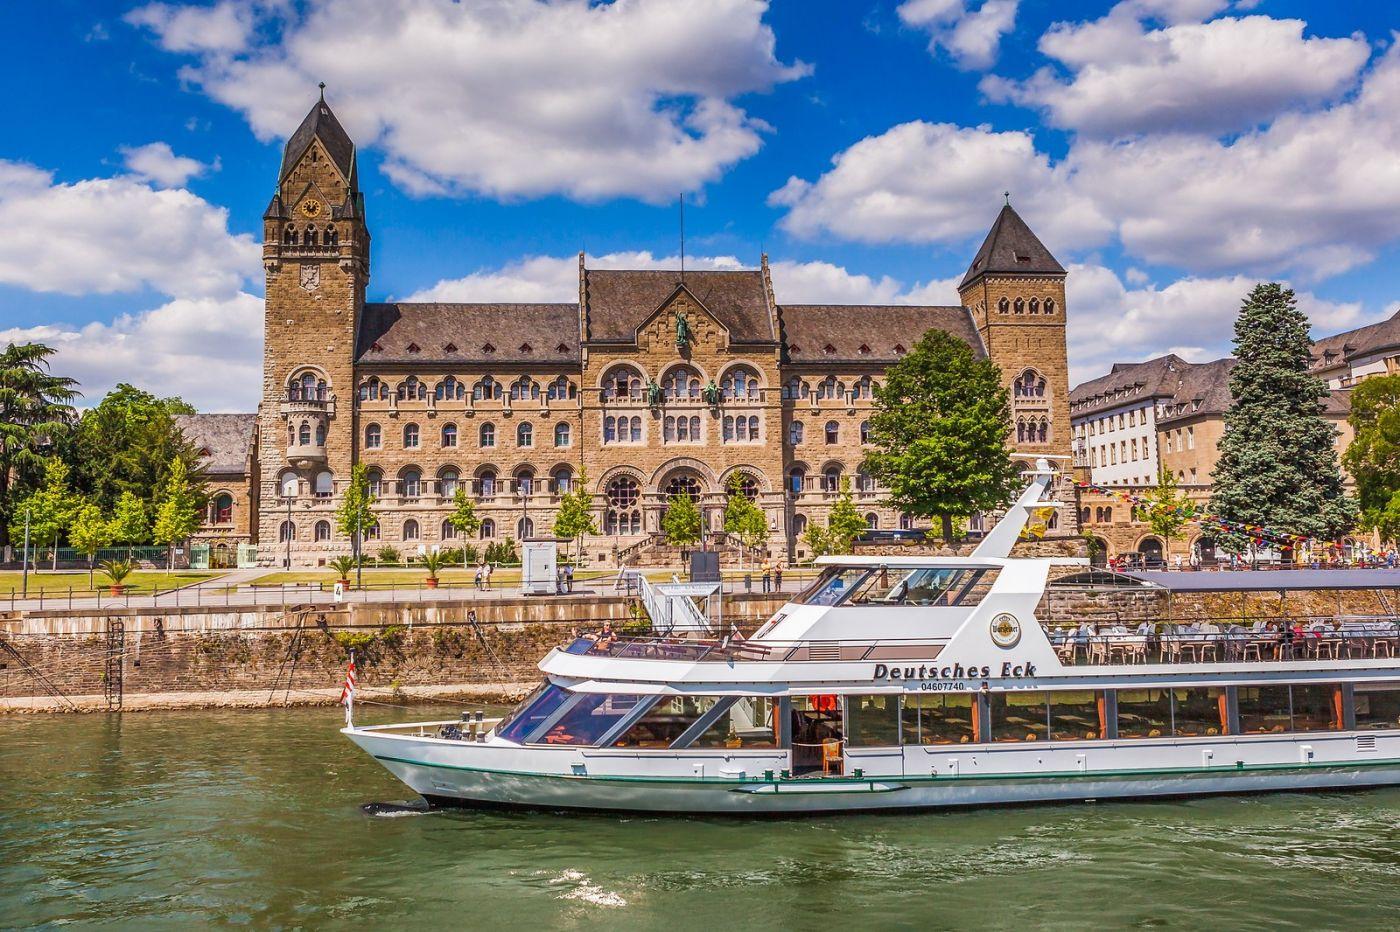 畅游莱茵河,游船商船另一道景_图1-34